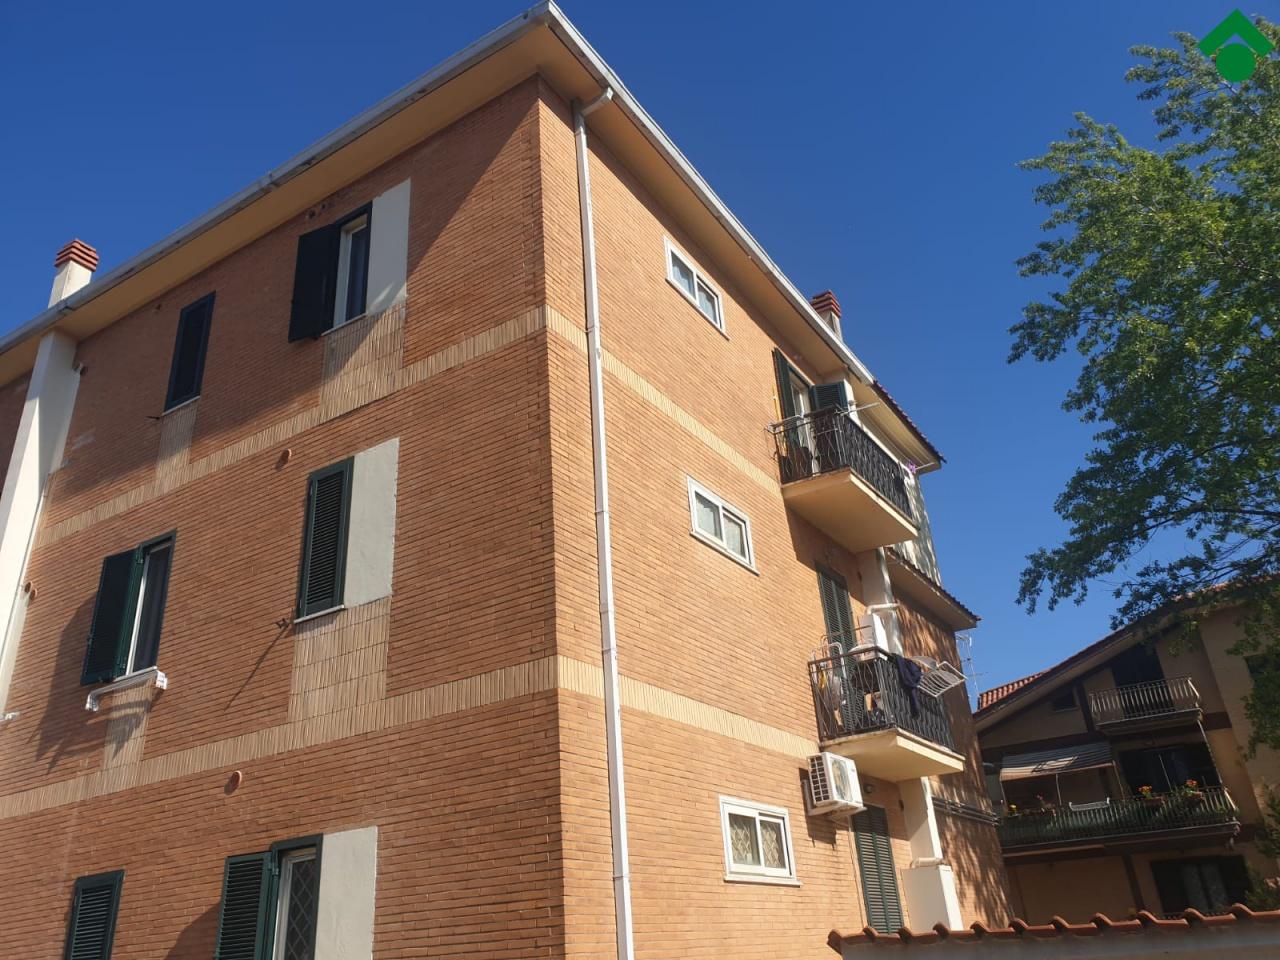 Appartamento bilocale in vendita a Guidonia Montecelio (RM)